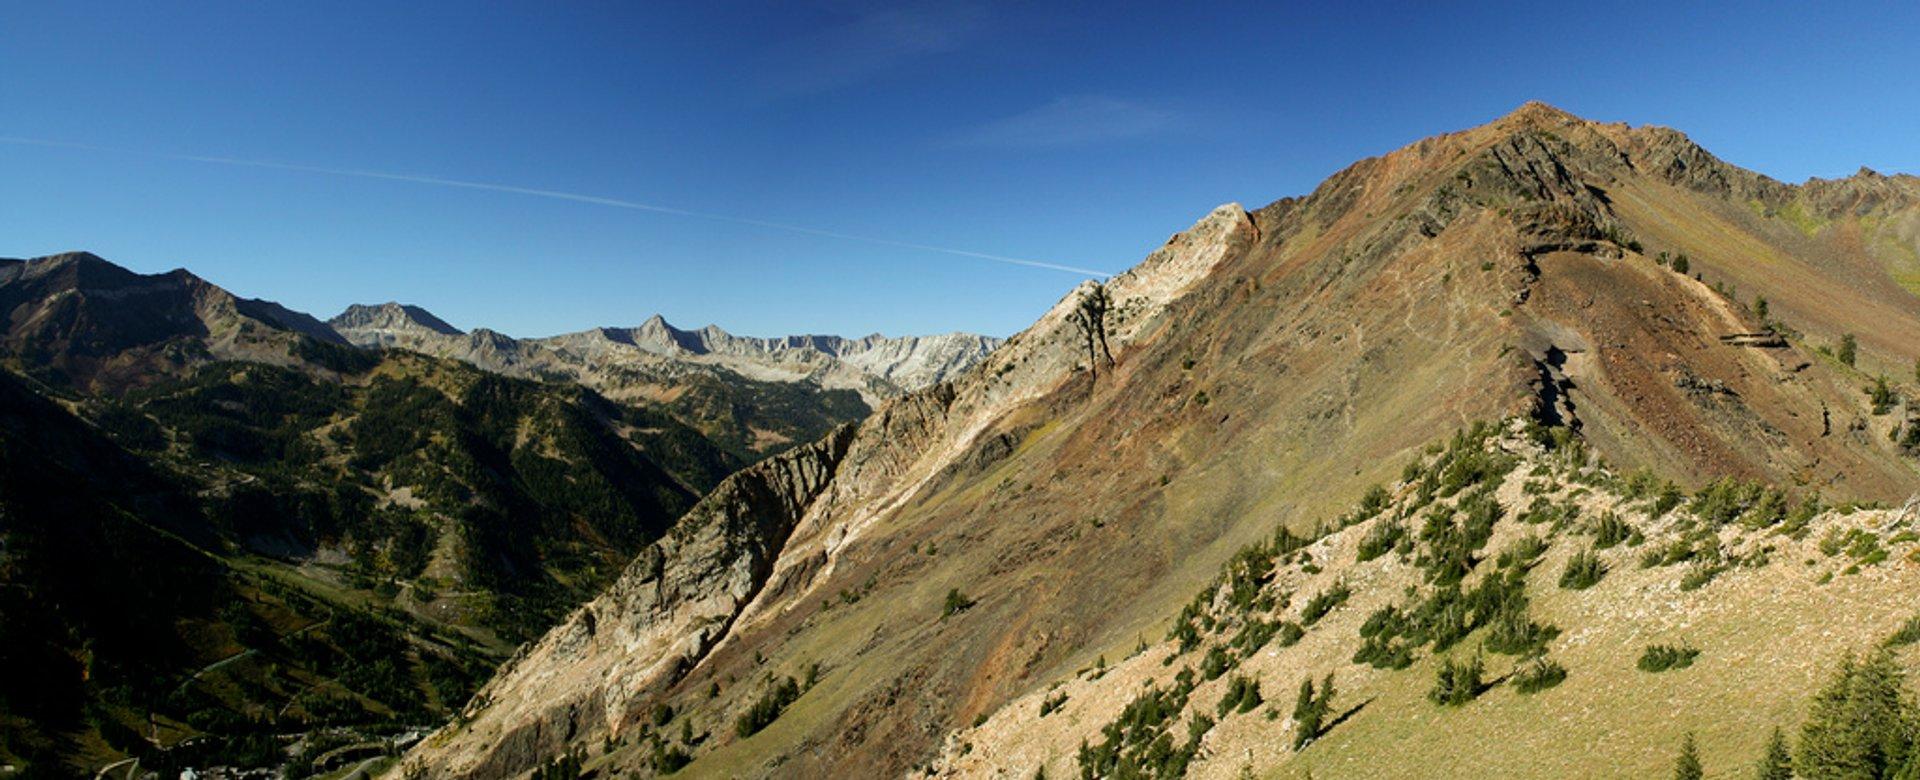 Mount Superior & Monte Cristo in Utah - Best Season 2020